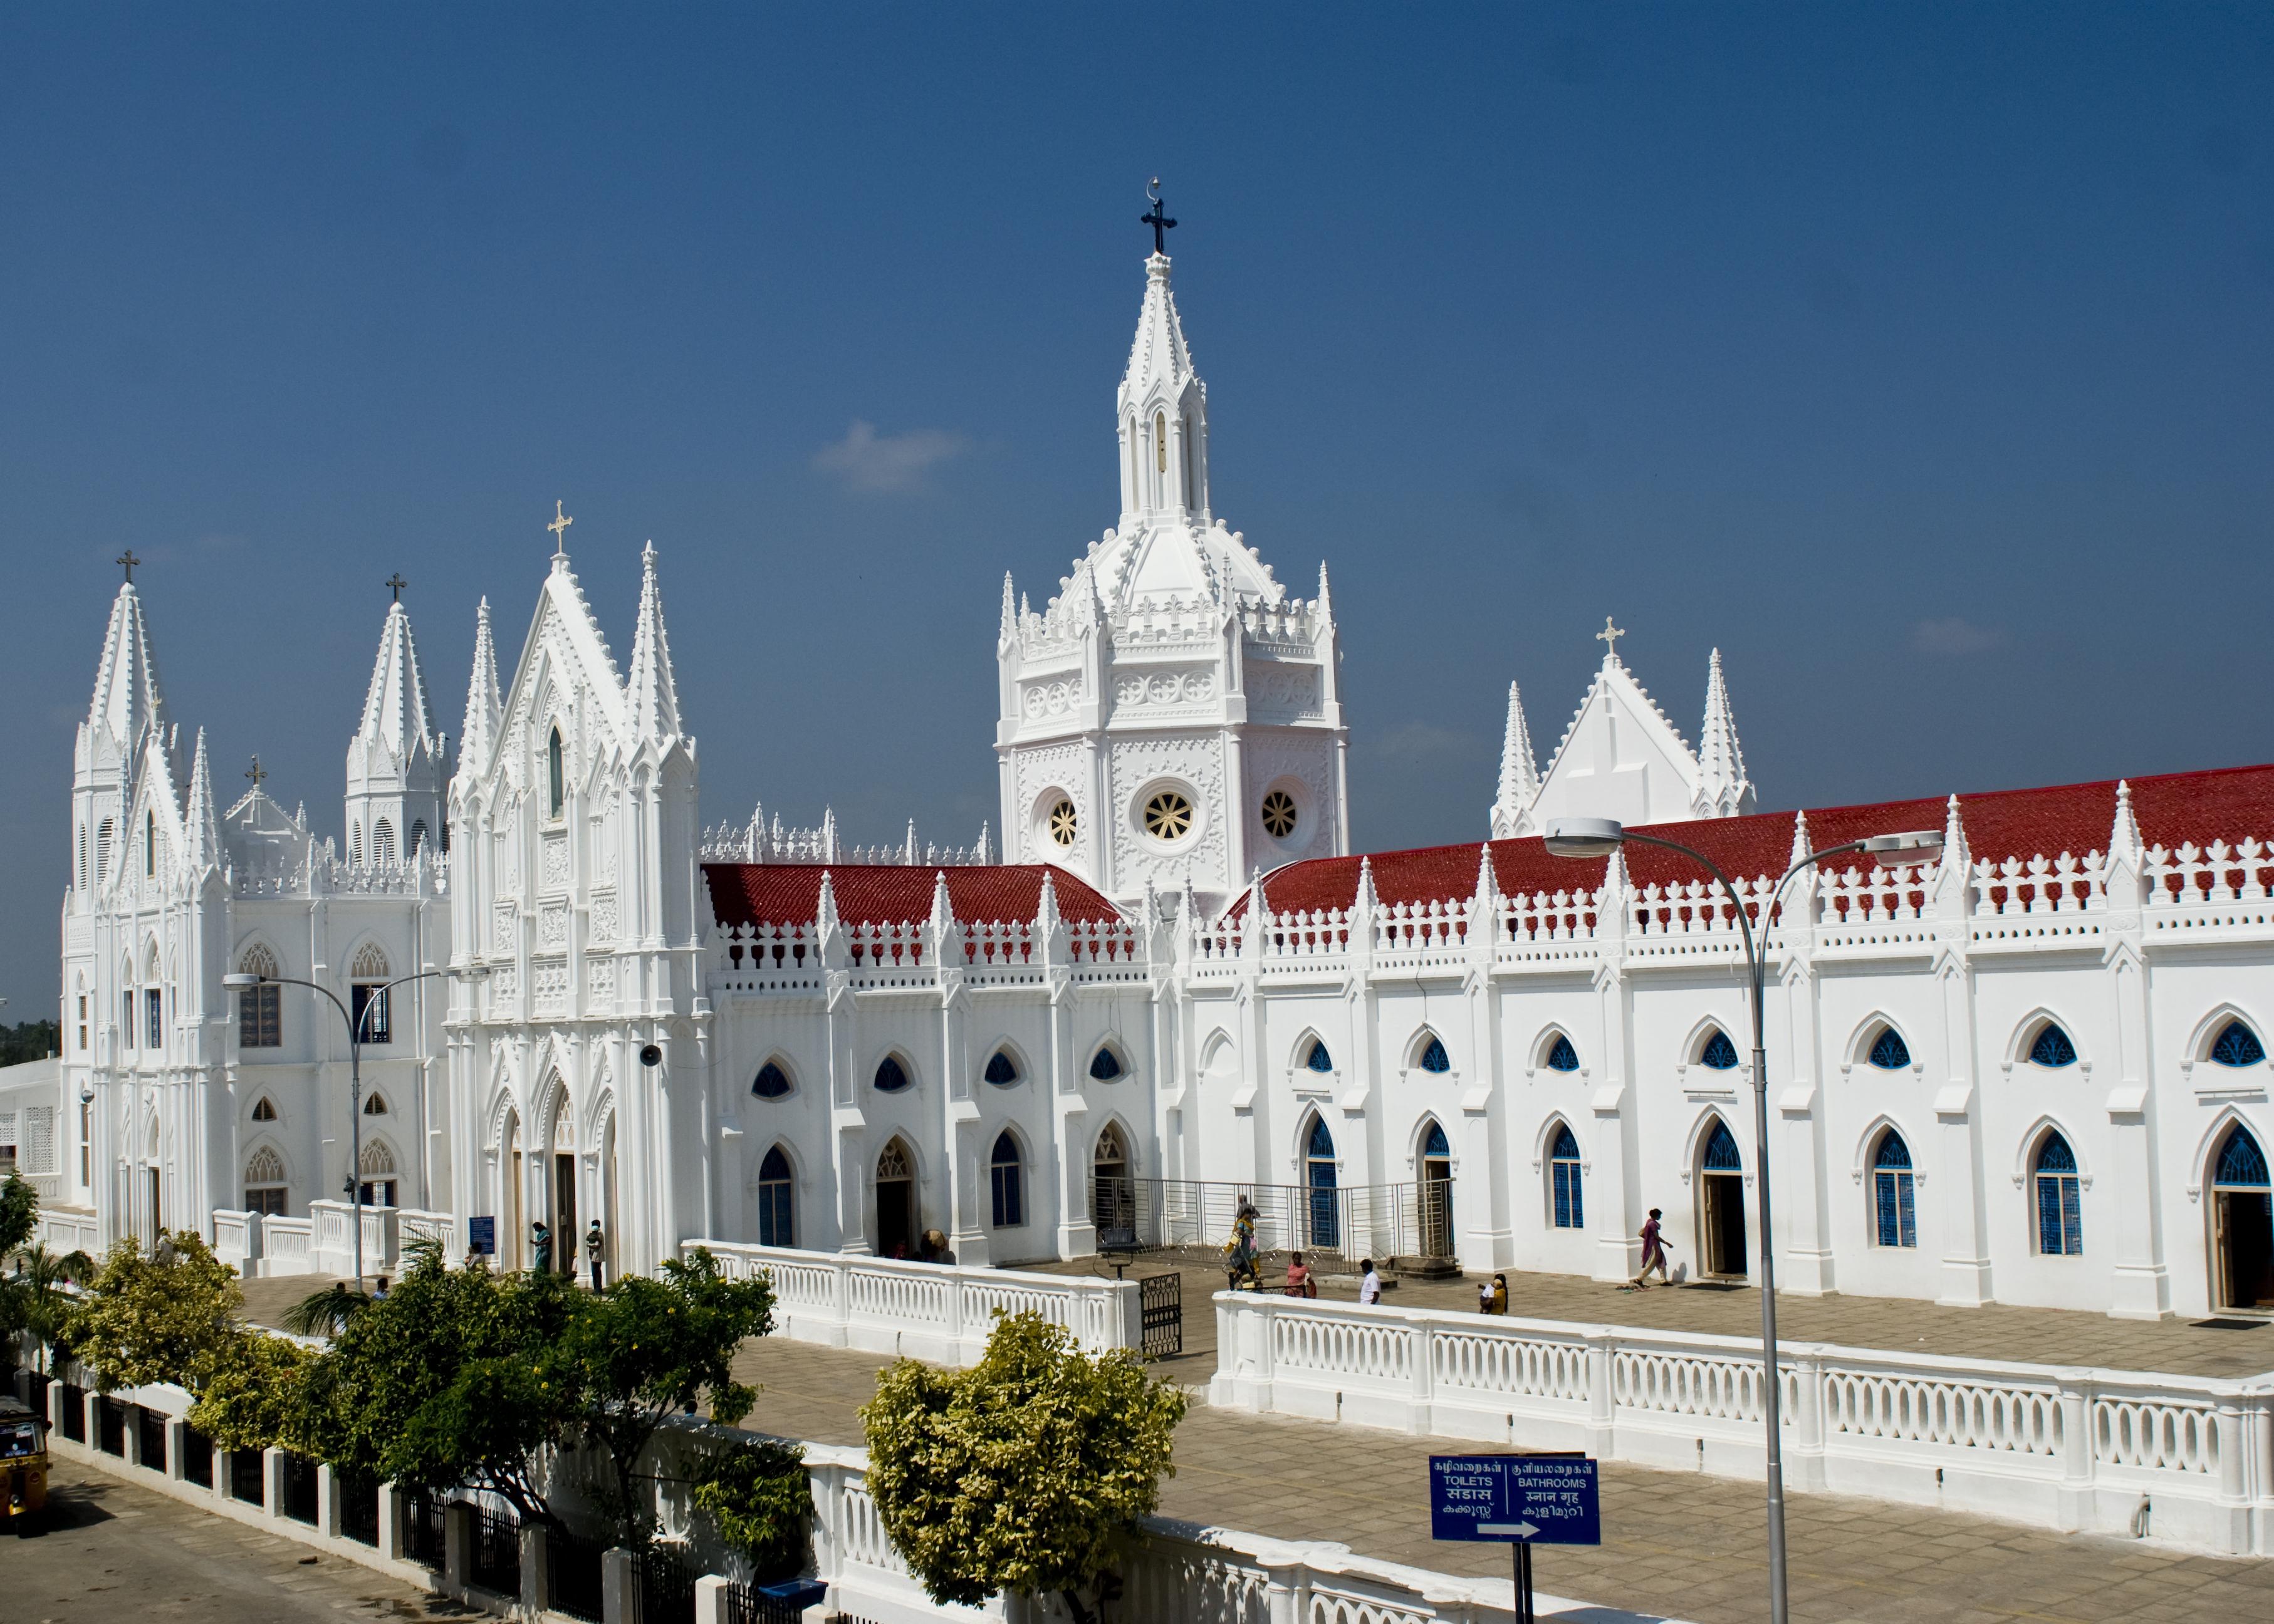 Vailankanni es hoy el hogar de uno de los centros católicos de peregrinaje más grandes de toda India: la Basílica de Nuestra Señora de la Buena Salud.